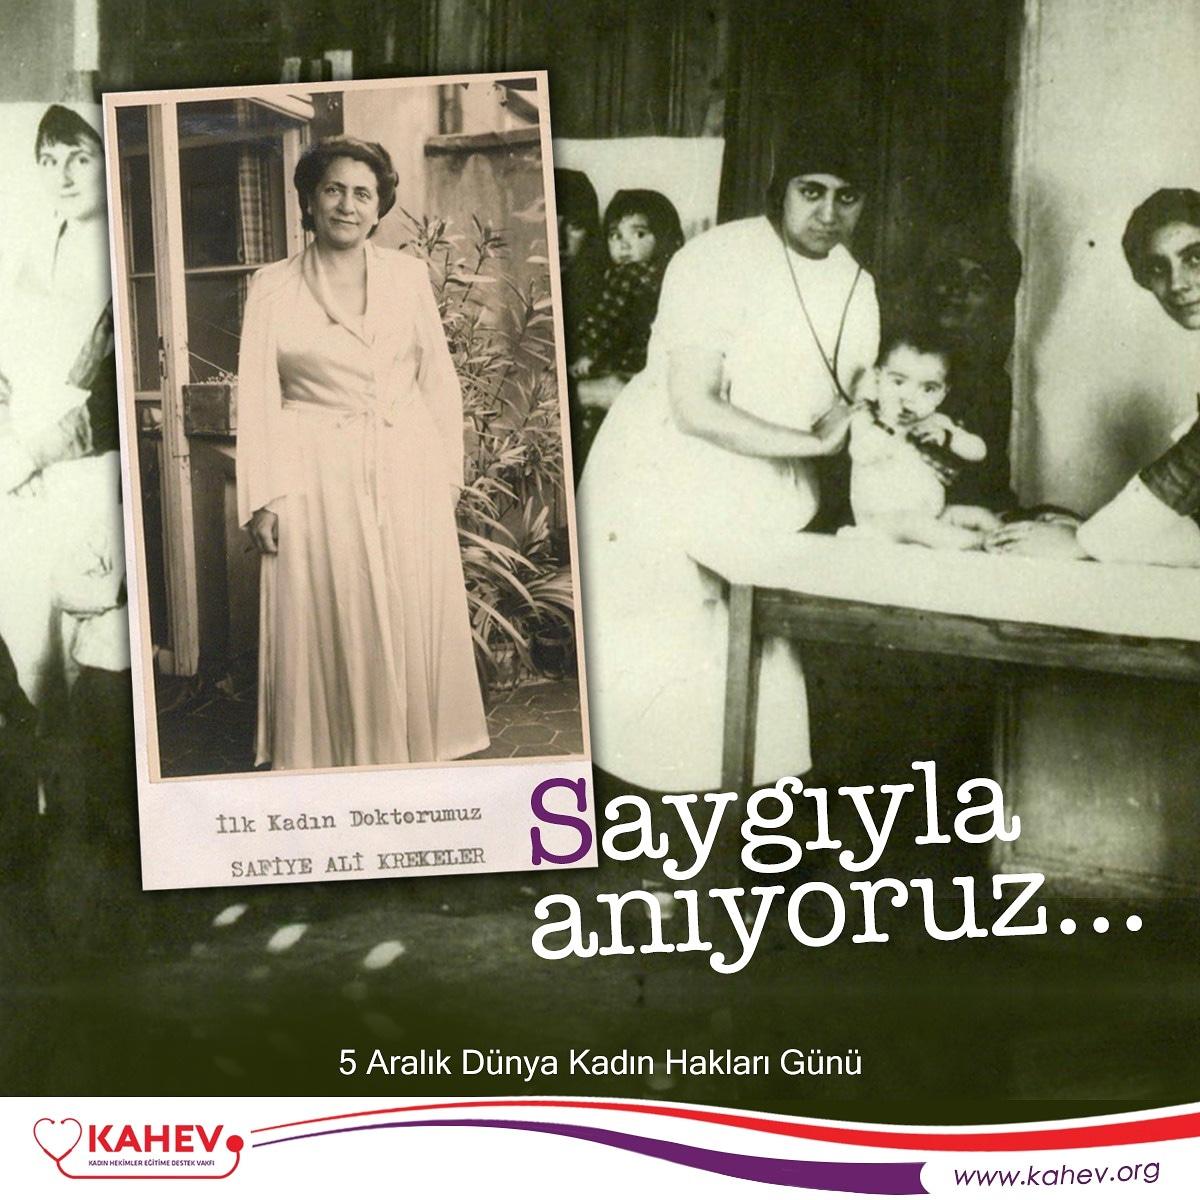 """Atatürk Devrimlerinin en önemlilerinden biri olan """"Türk kadınlarına milletvekili seçme ve seçilme hakkı tanınması""""nın yıl dönümü olan bugünde Cumhuriyetimizin ilk kadın hekimi Safiye Ali'yi saygıyla anıyoruz.  #dünyakadınhaklarıgünü #safiyeali #kahevpic.twitter.com/Z4vT0magmh"""